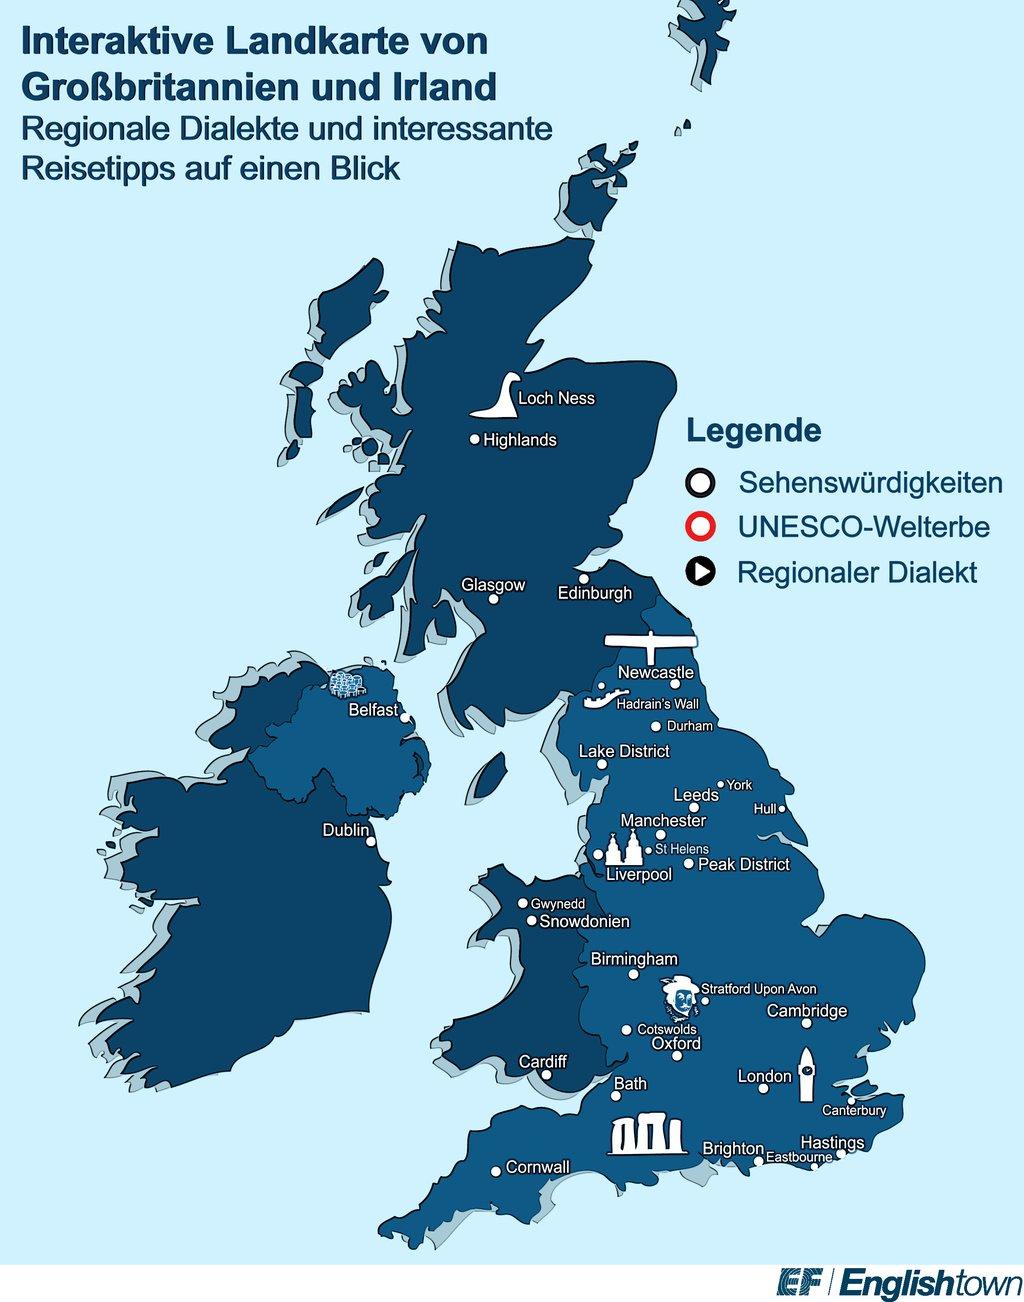 Sehenswürdigkeiten Großbritannien Karte.England Karte Interaktive Karte Von Gb Highland Tours